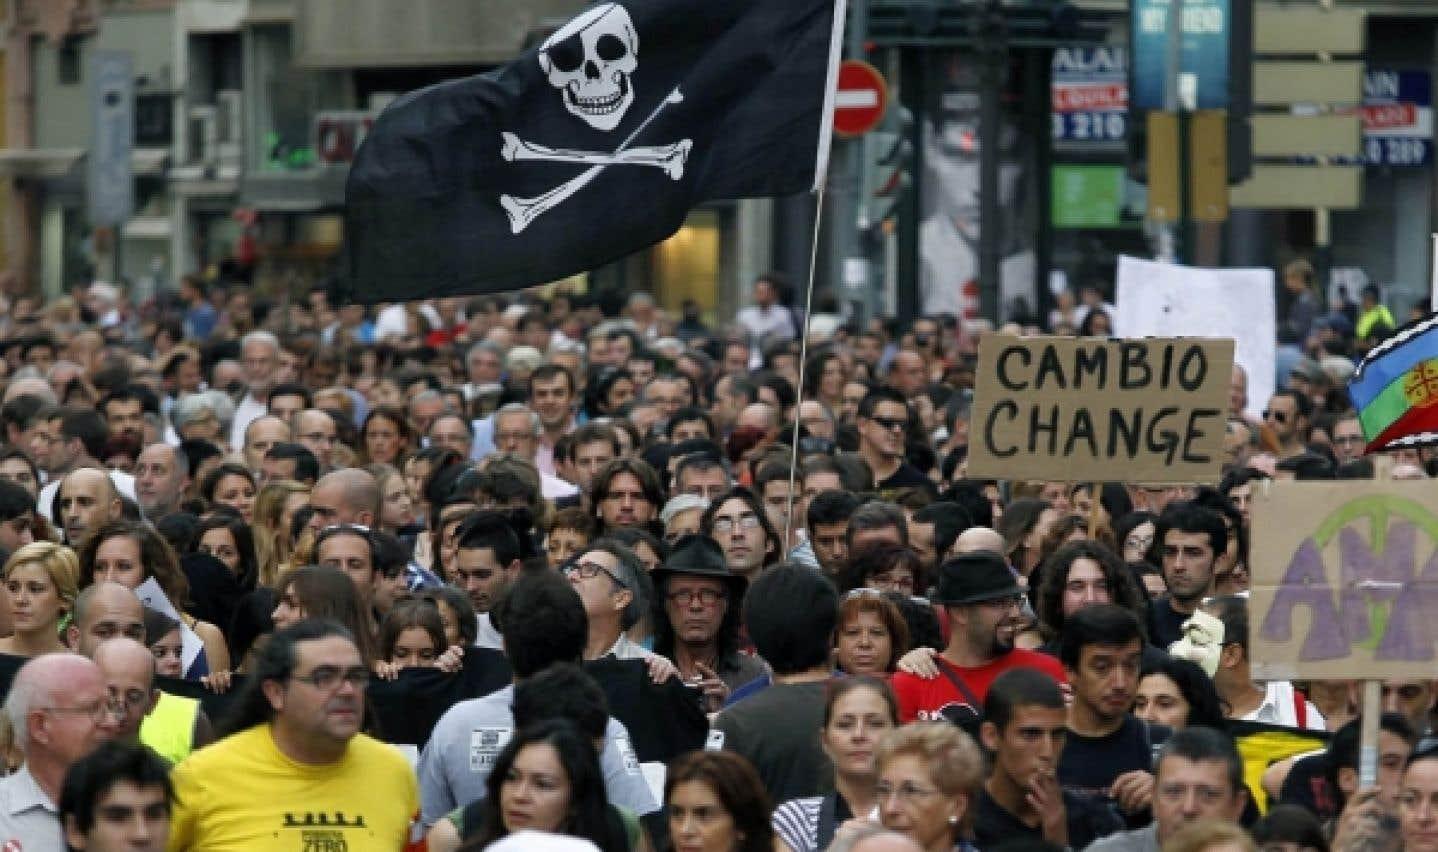 La colère populaire menace la croissance mondiale